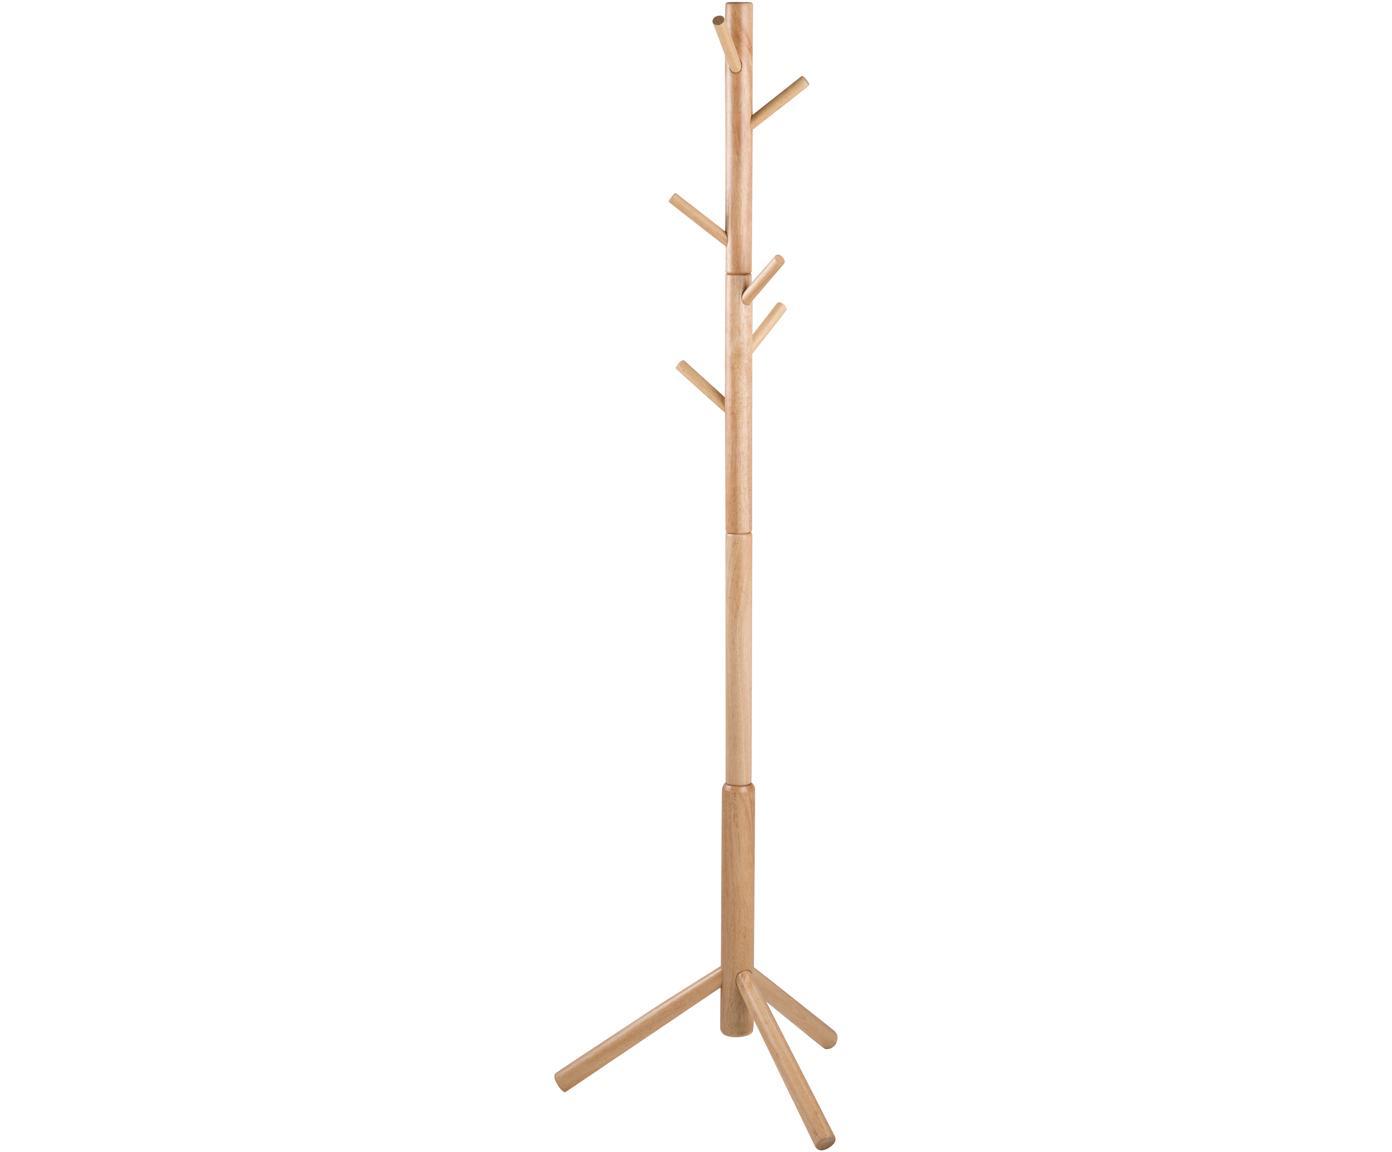 Kleiderständer Bremen aus Holz mit 6 Haken, Gummibaumholz, lackiert, Gummibaumholz, 51 x 176 cm